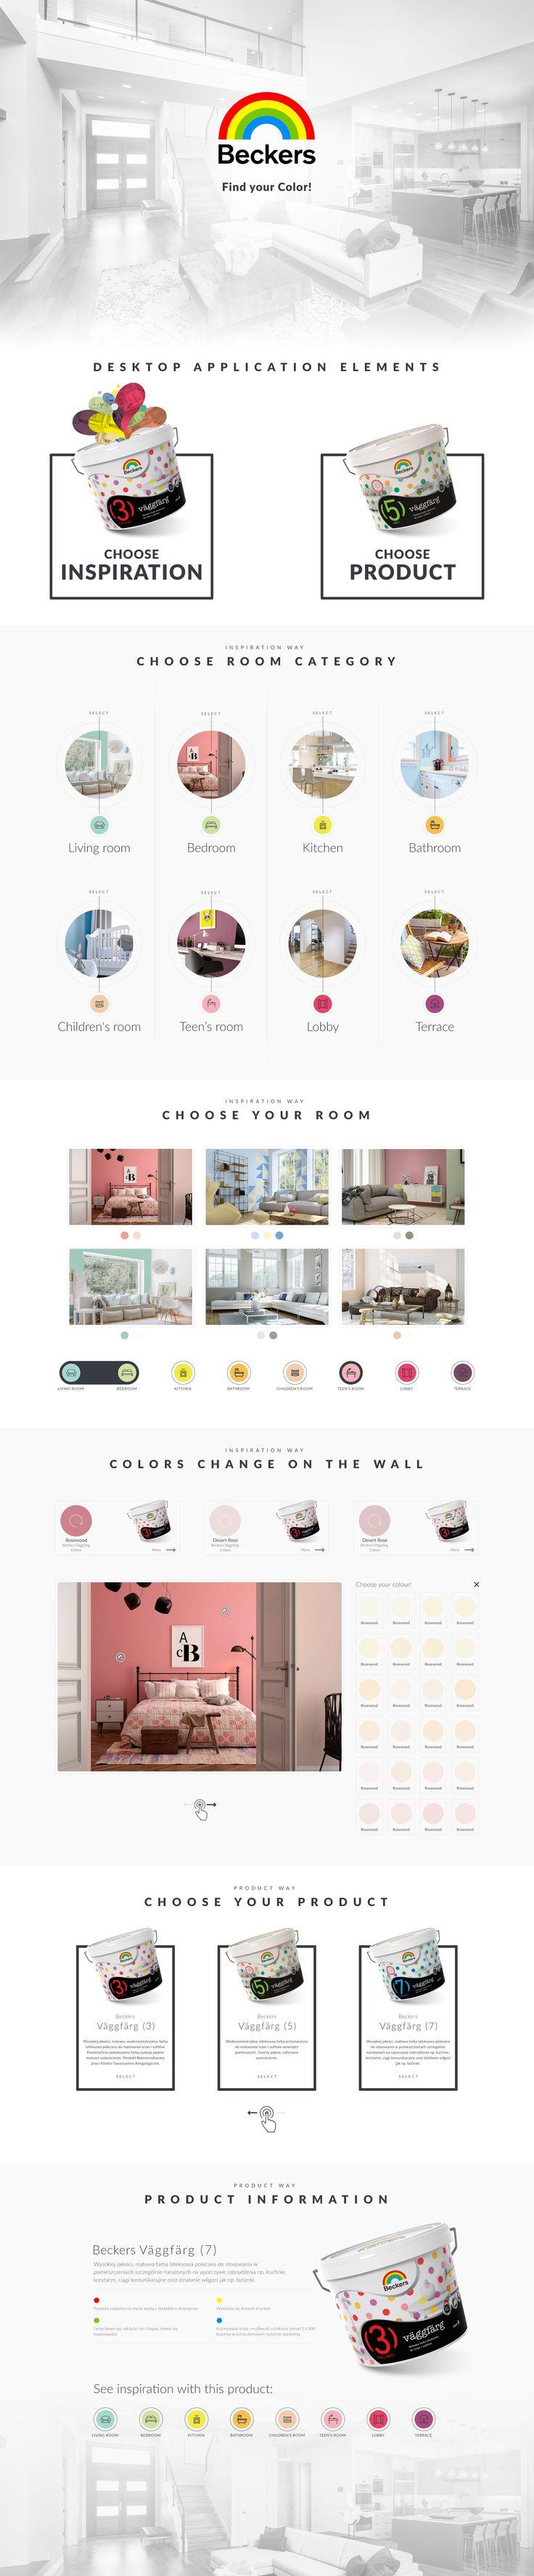 Beckers paints application, clean design, app